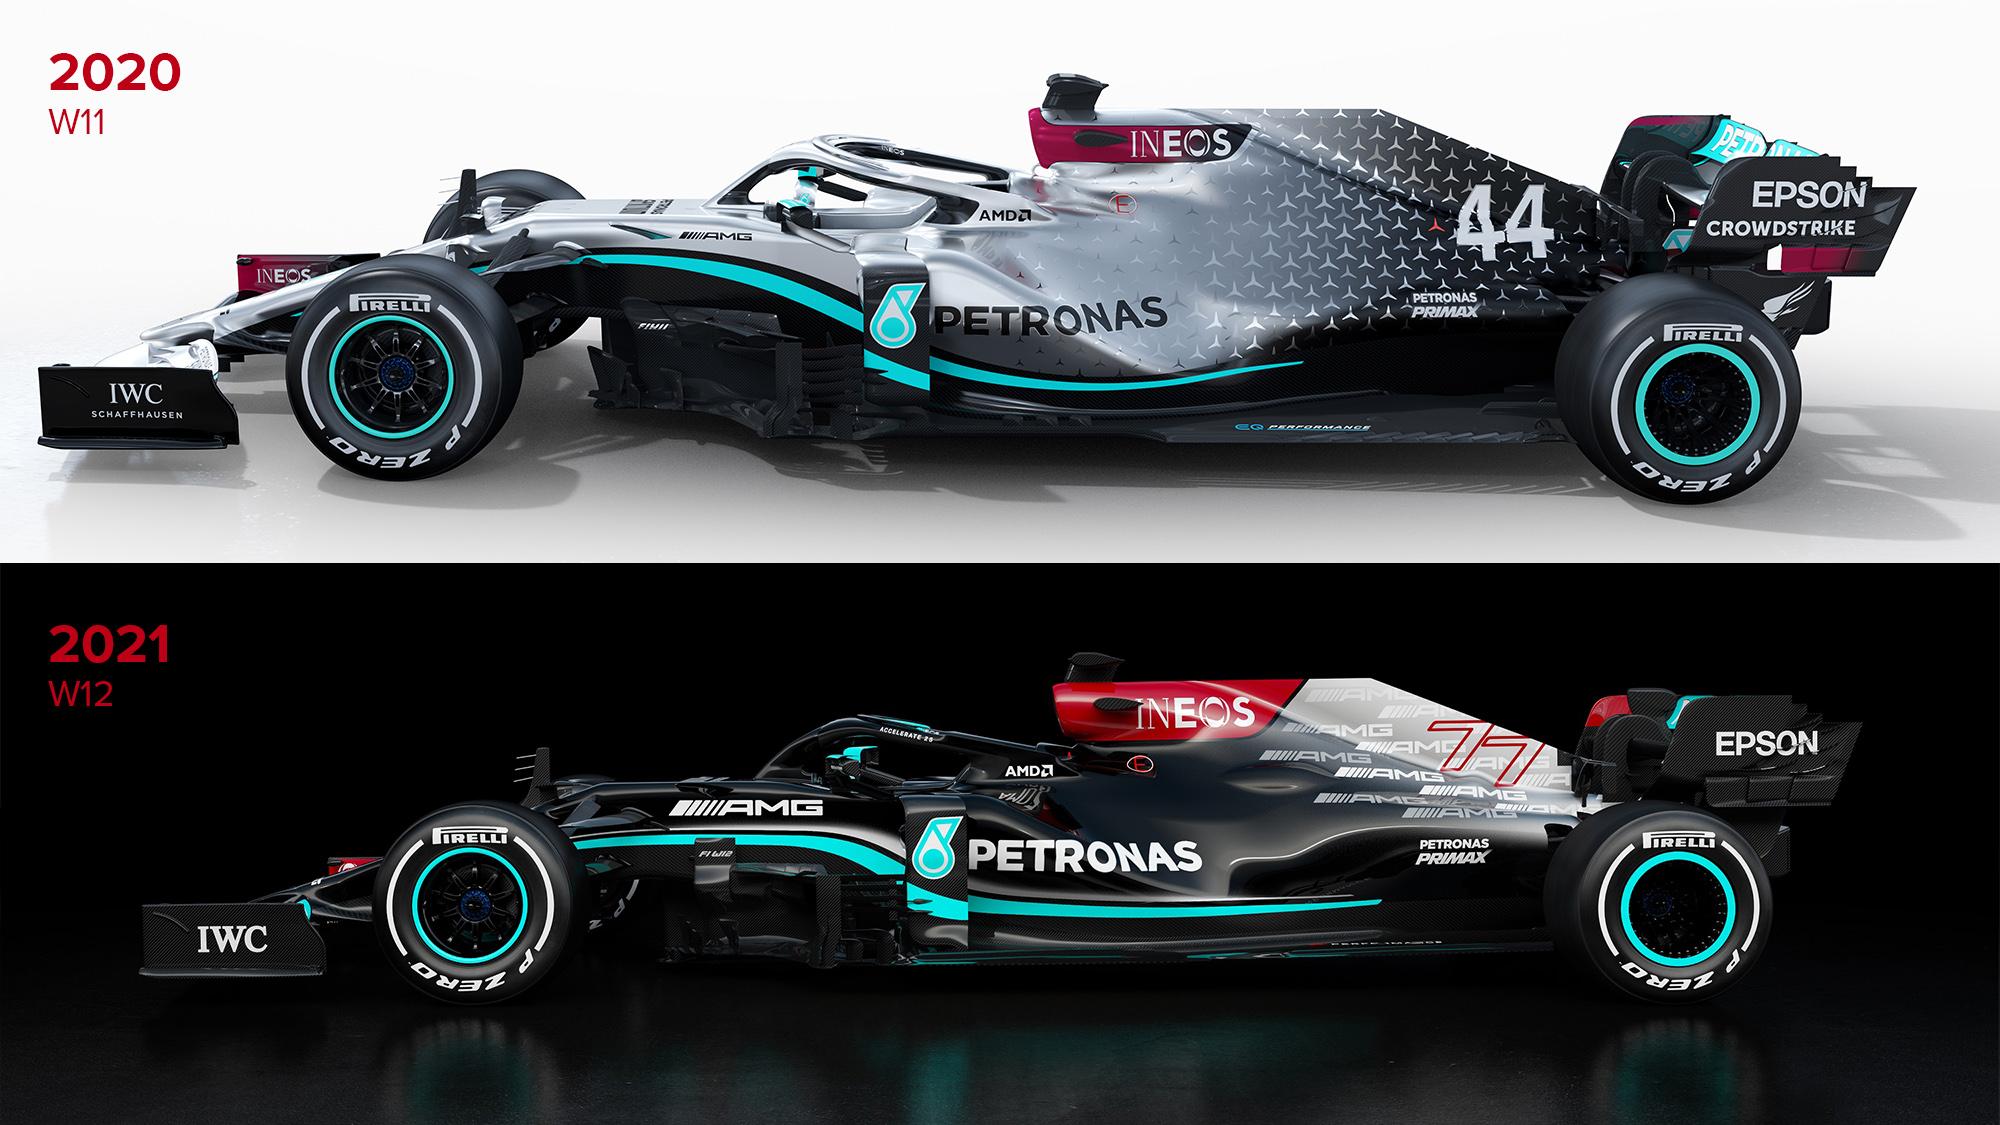 Mercedes W11 W12 side by side